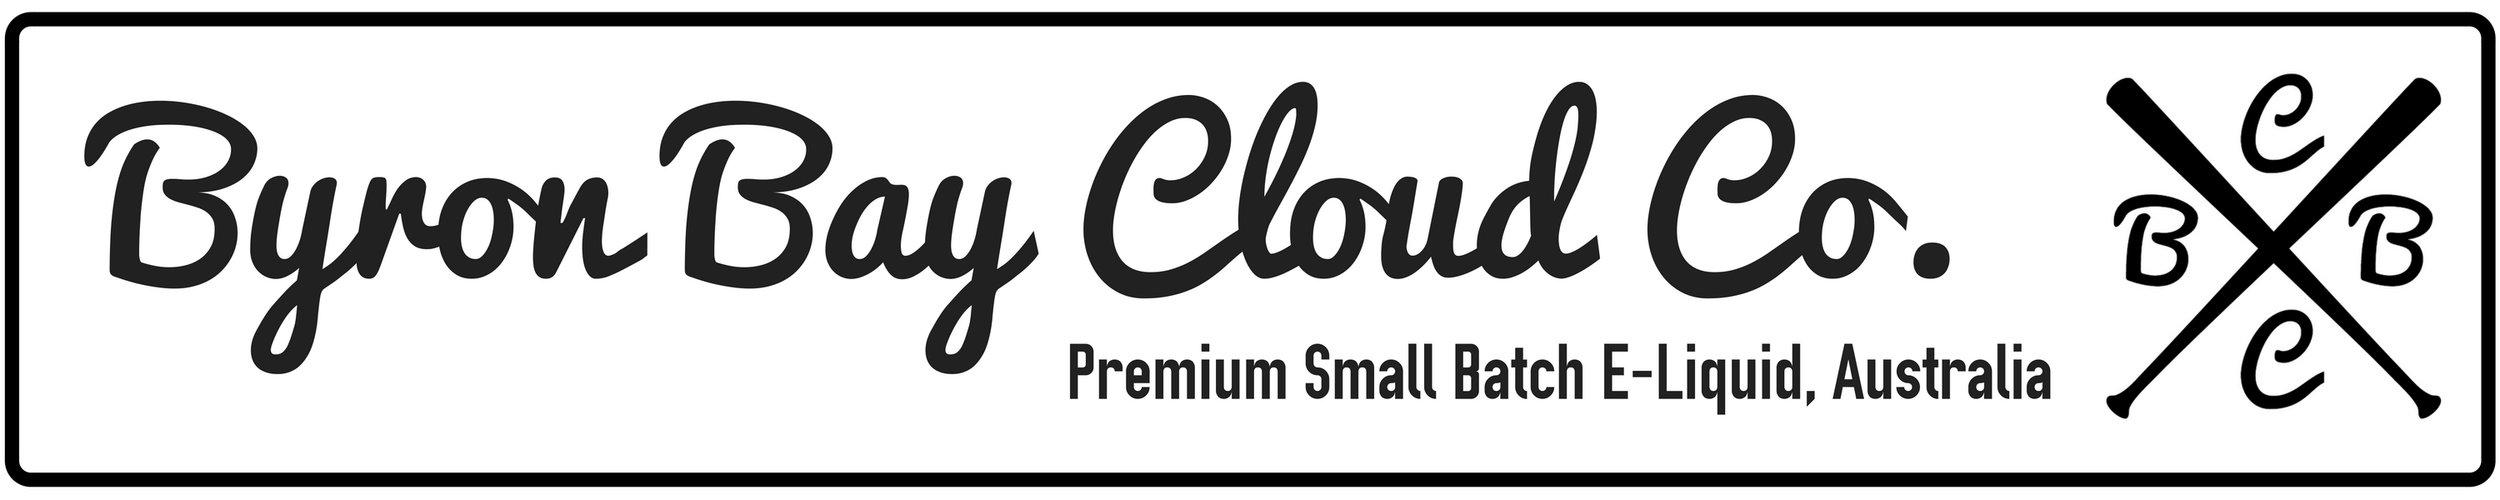 Byron Bay Cloud Co.   Premium Small Batch E-Liquid, Australia   Logo Banner